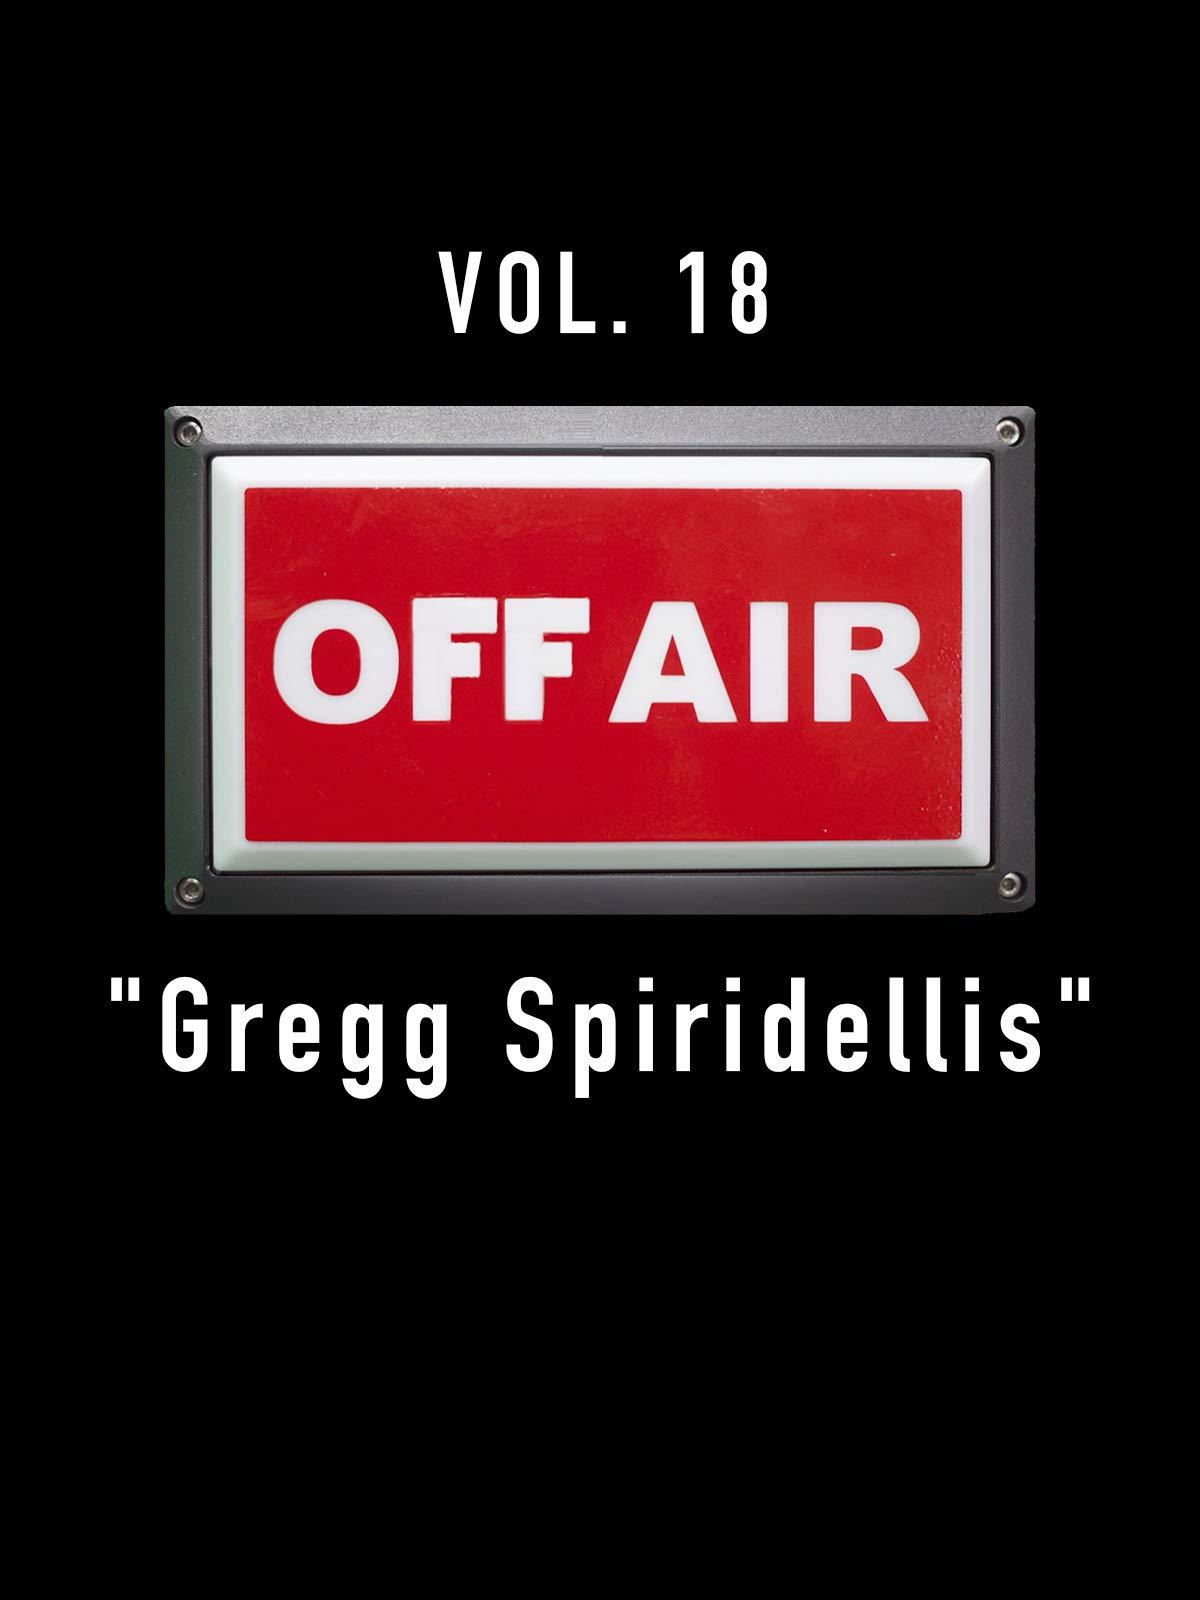 Off-Air Vol. 18